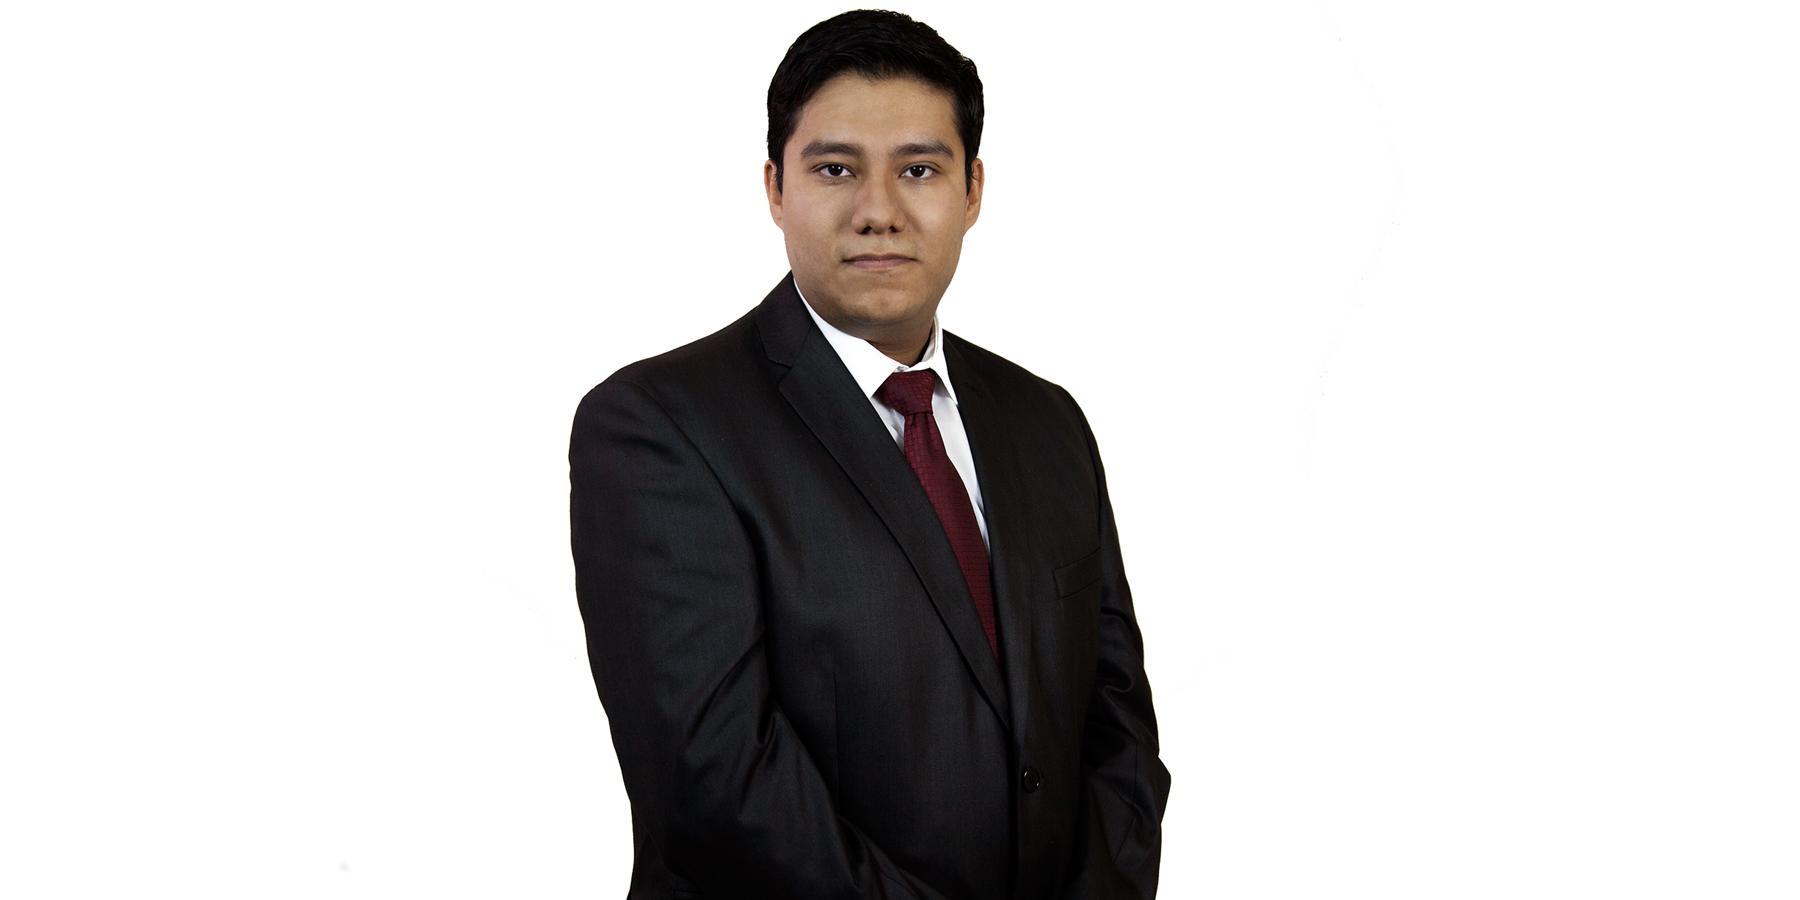 Lic. Abraham García Martínez